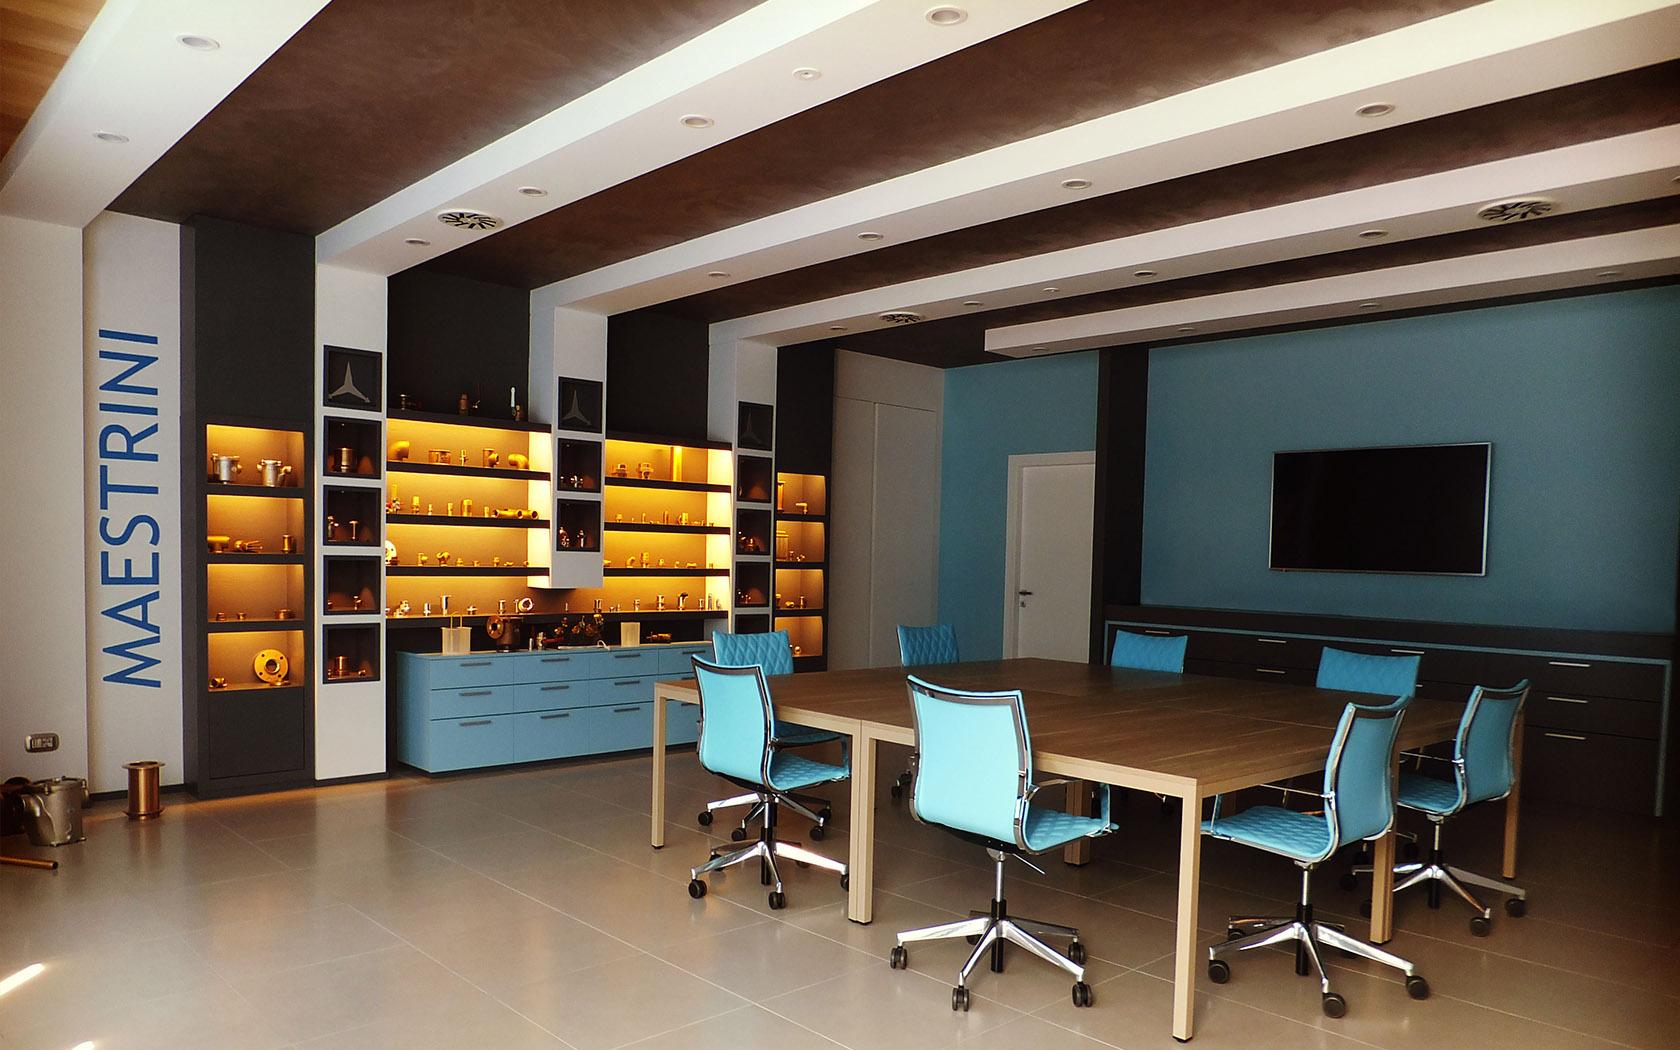 Terdesign studio di progettazione di interni interior design for Aziende arredamento